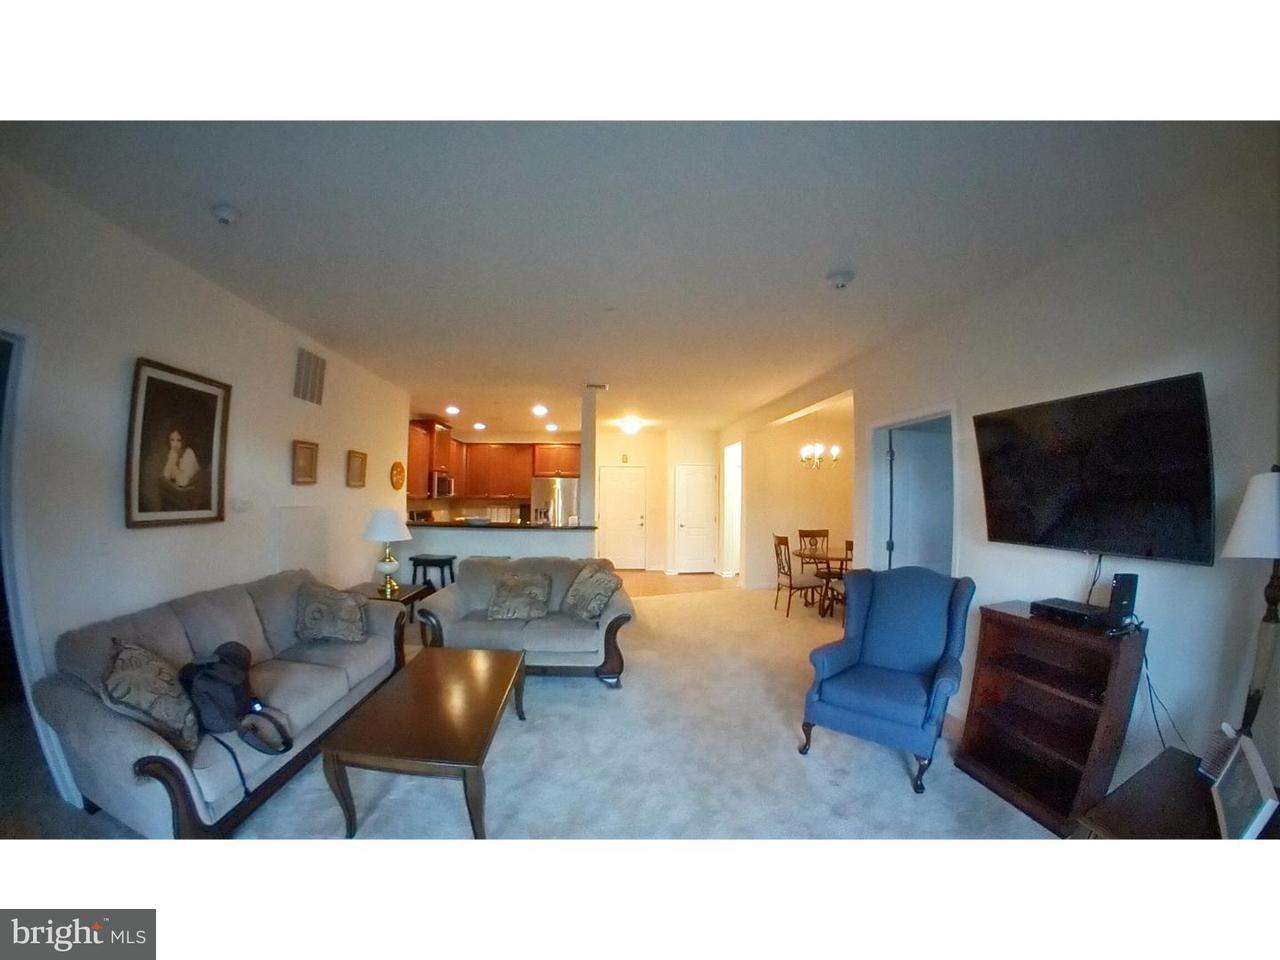 独户住宅 为 出租 在 234 CARSON TER #272 亨廷顿谷, 宾夕法尼亚州 19006 美国